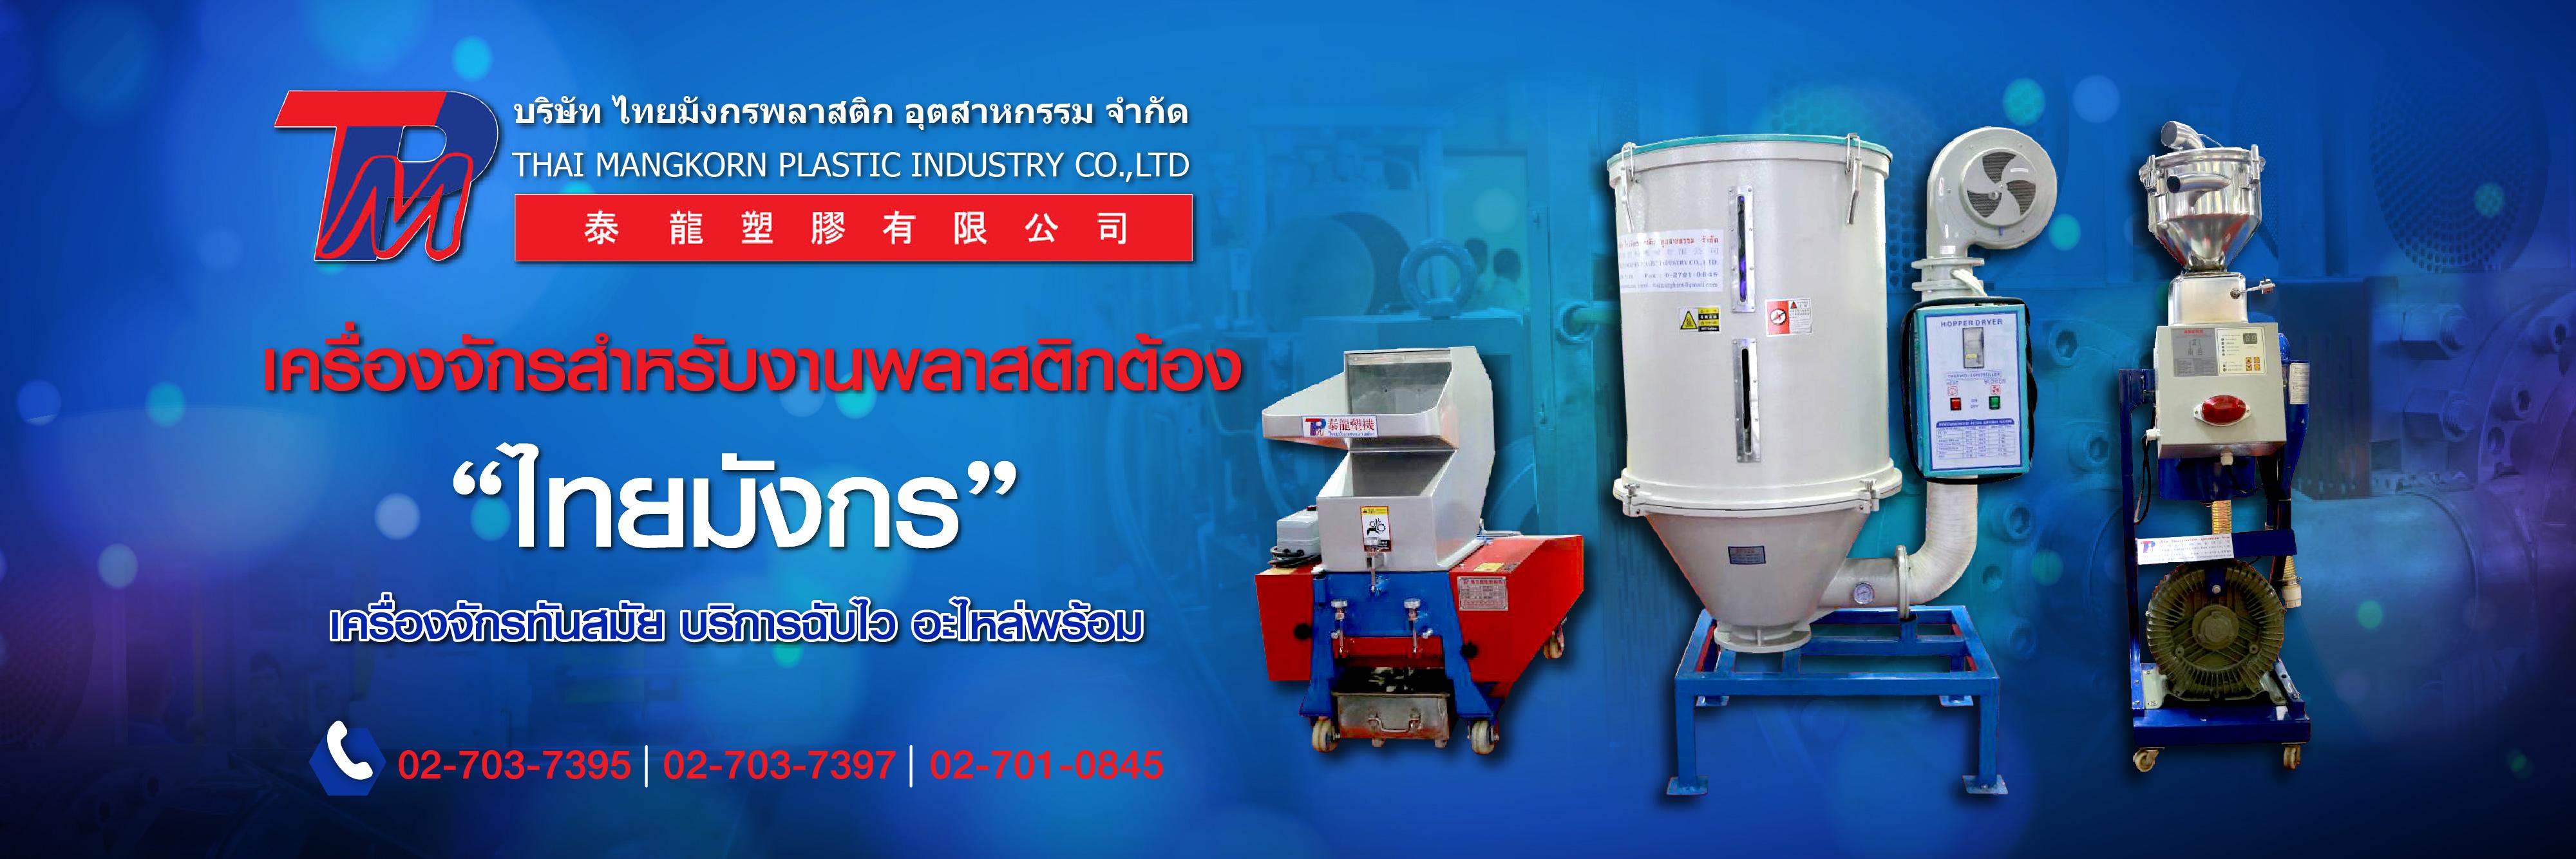 https://www.thaimangkorn-plastic.com/TH/Home